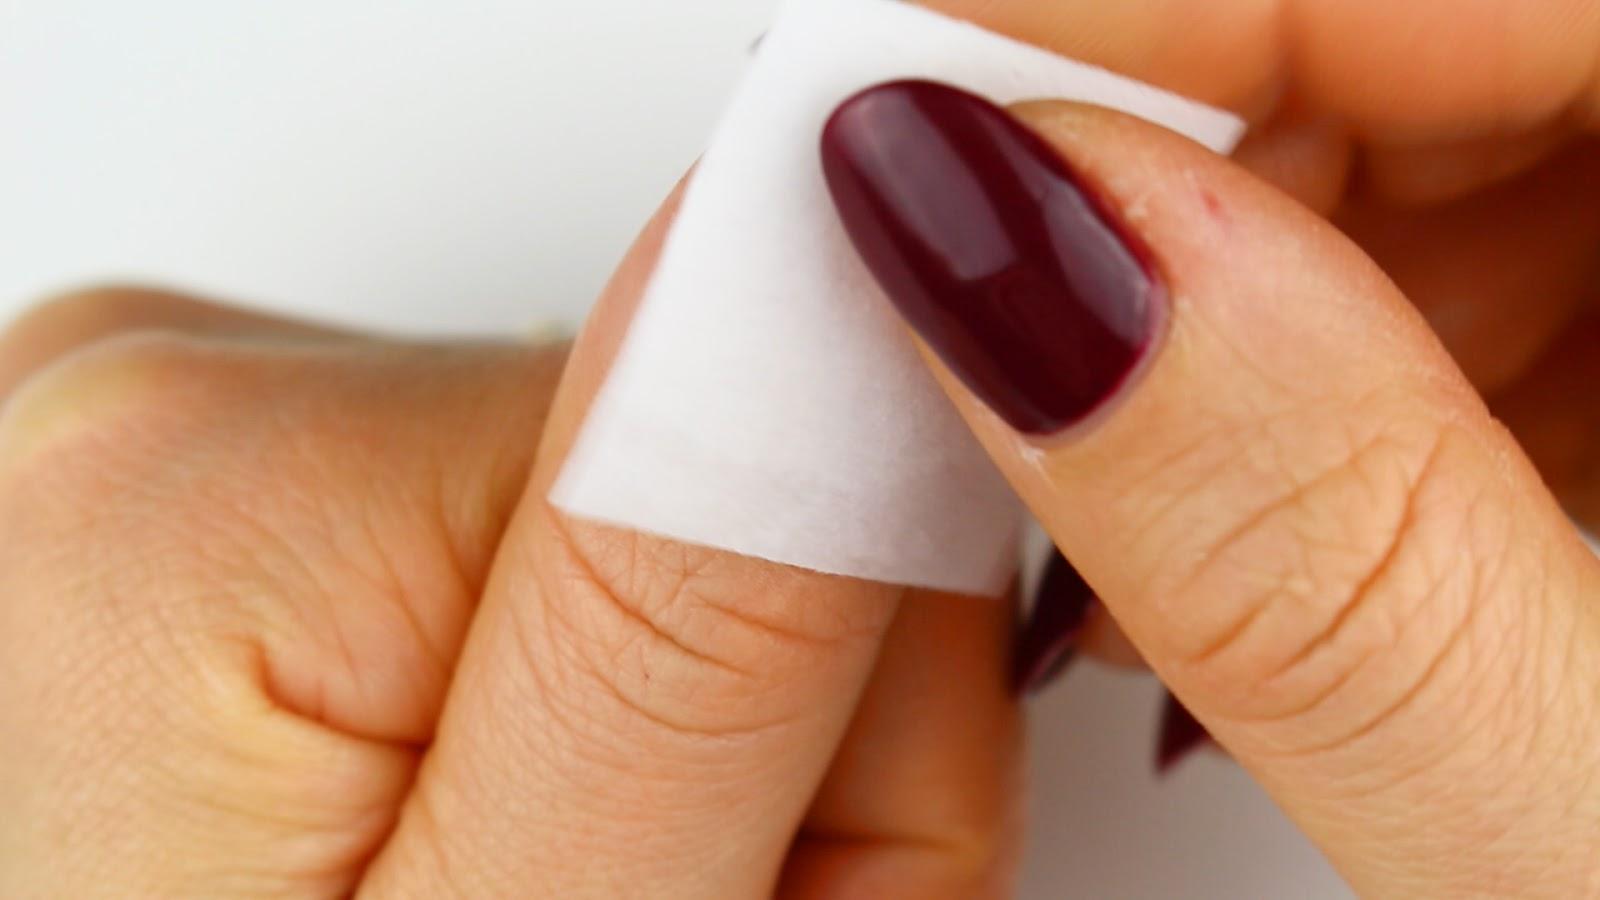 Eingerissenen Fingernagel erneut reinigen